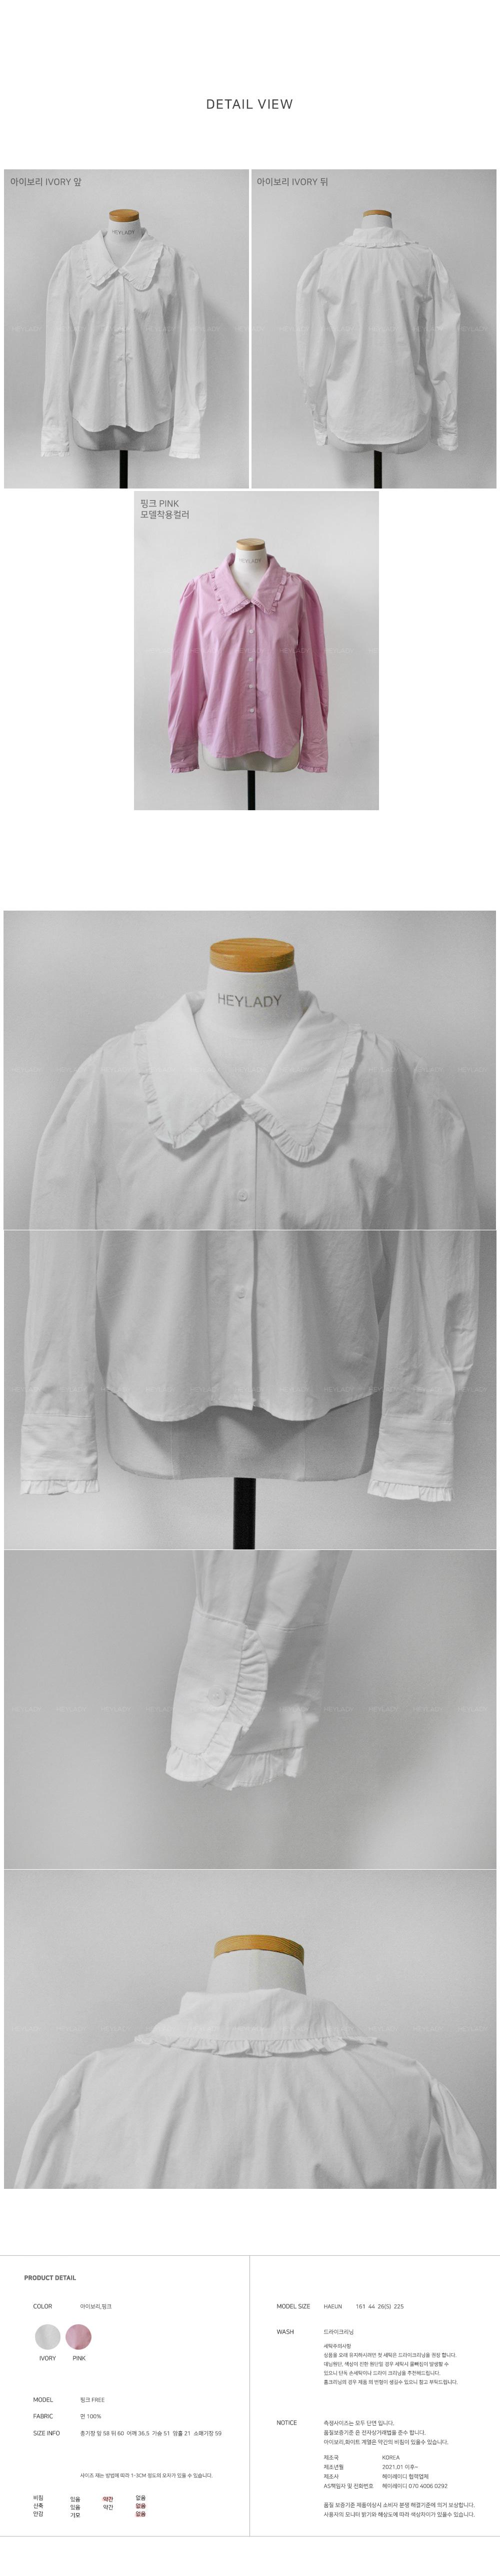 Elijah collar blouse